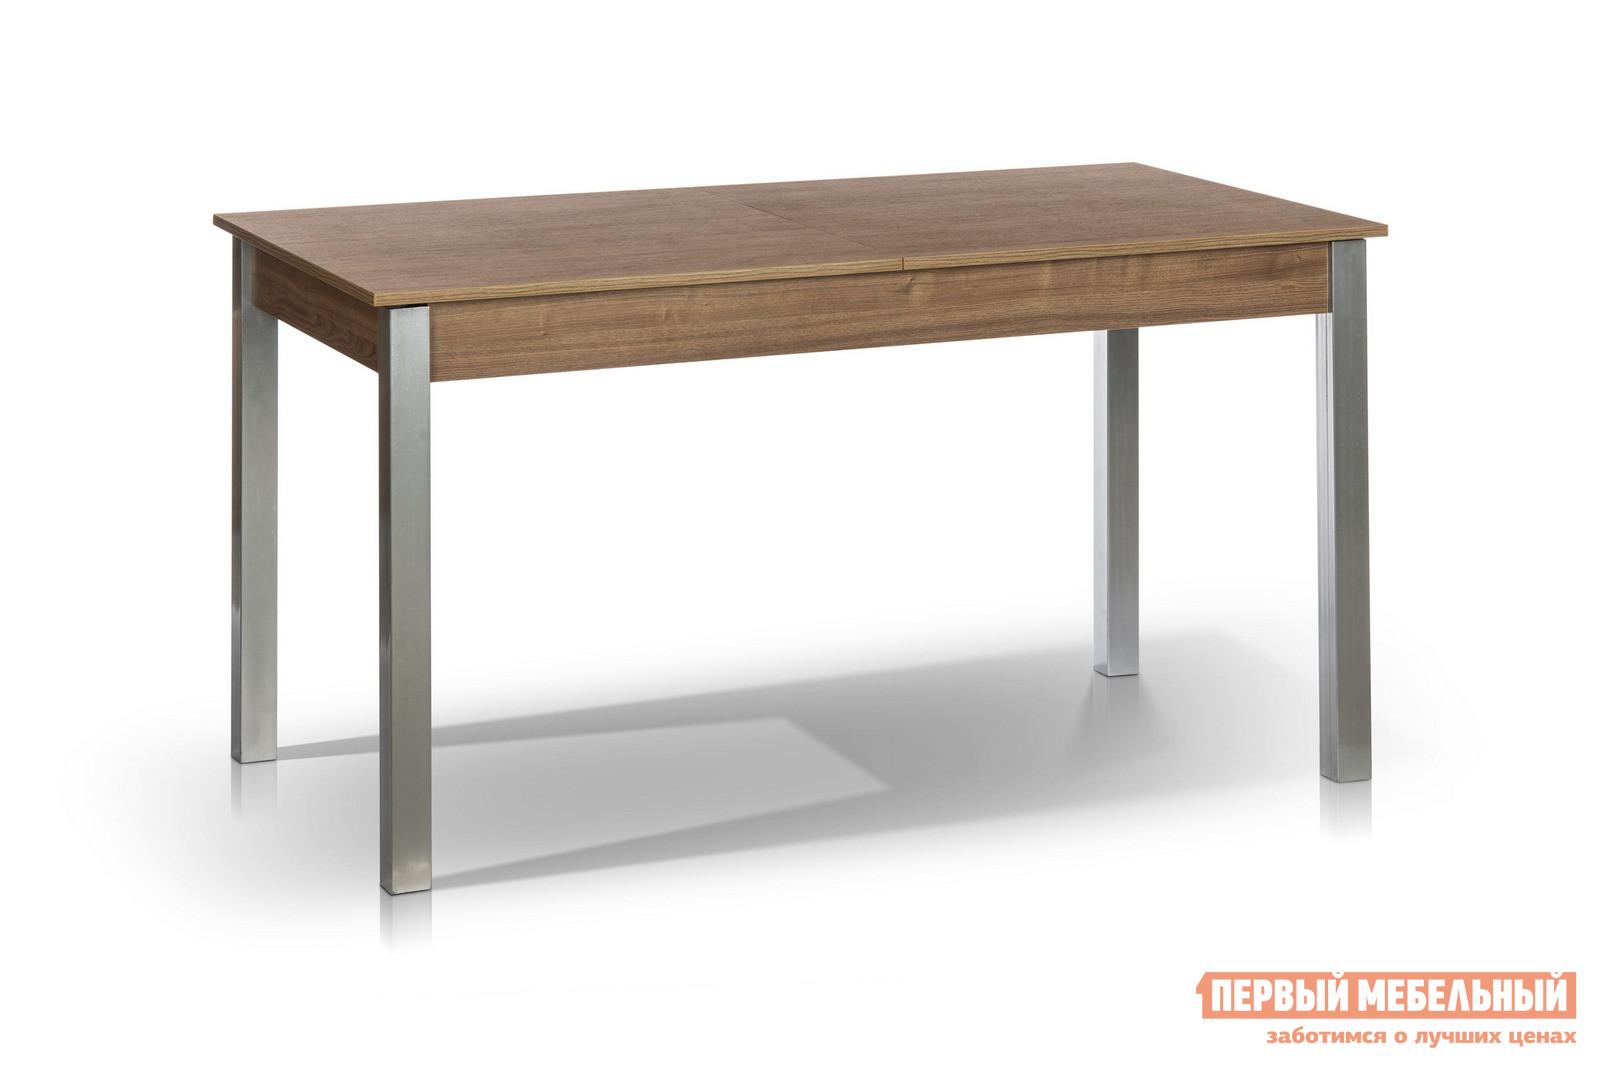 Фото Кухонный стол МегаЭлатон Лугано-Мини Каштан минск. Купить с доставкой